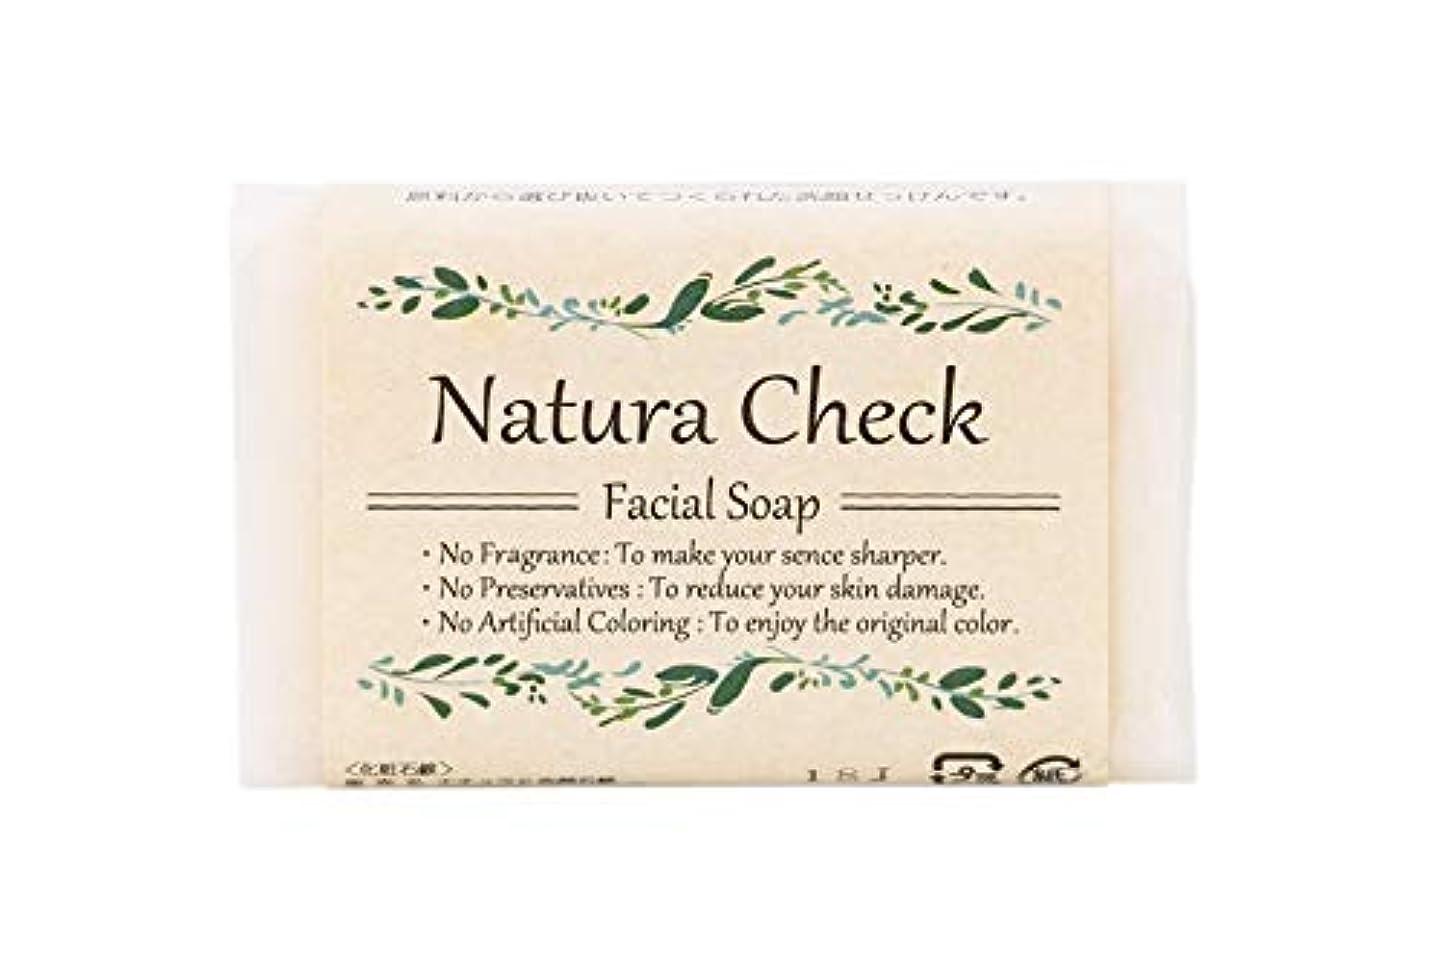 キャッチ労苦私達Natura Check(ナチュラチェック) 無添加洗顔せっけん80g コールドプロセス製法